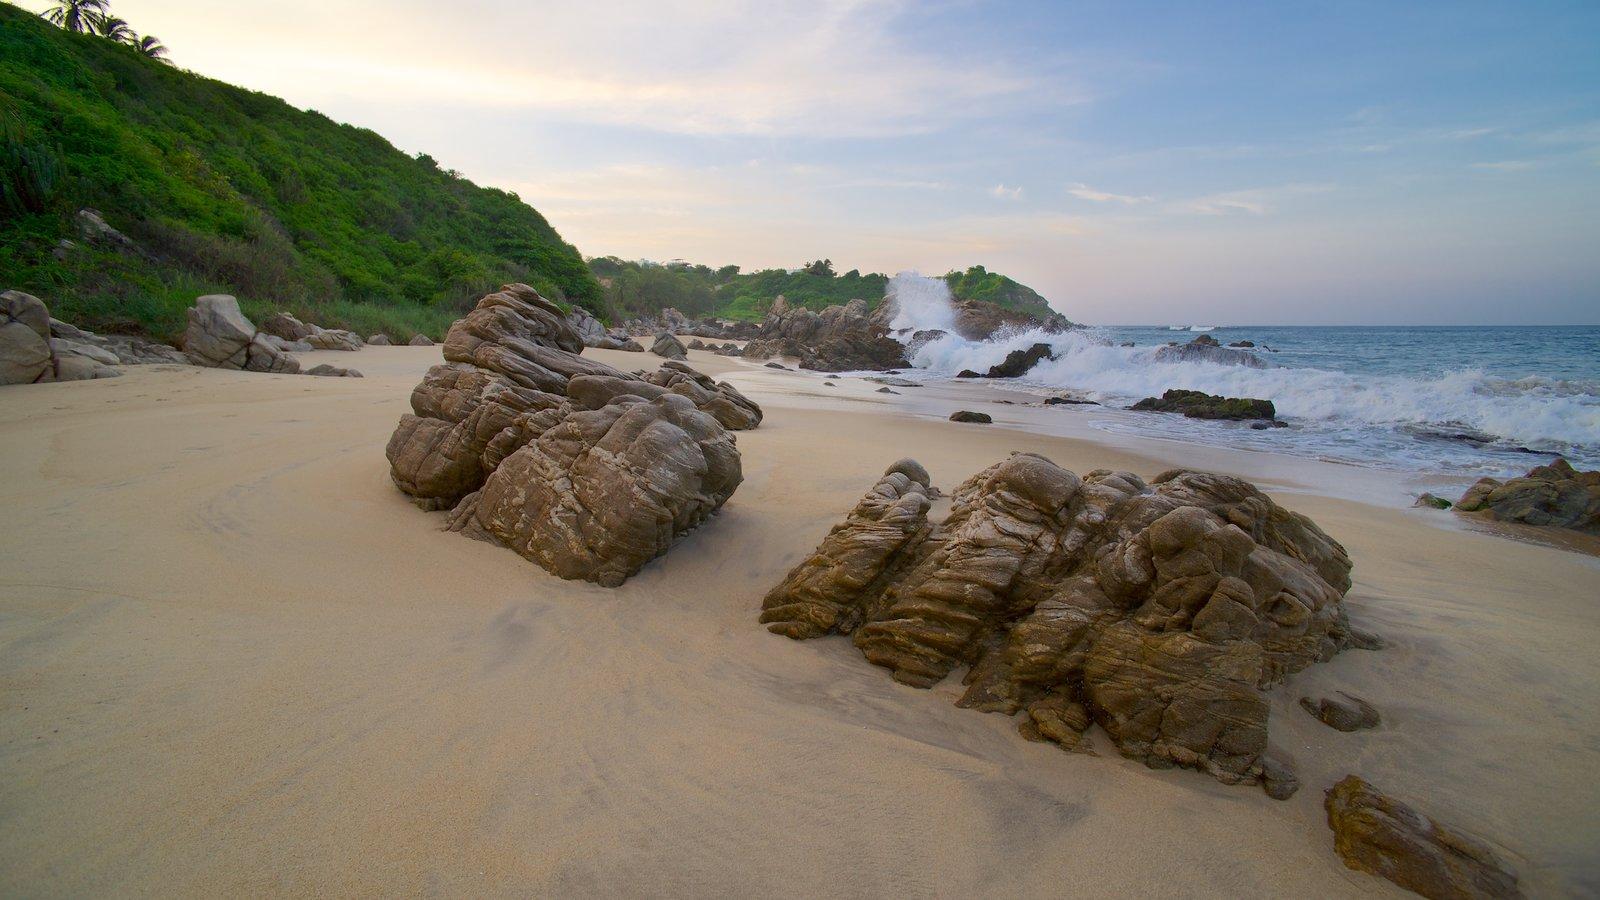 Playa Bacocho que incluye una playa, costa rocosa y vistas de paisajes